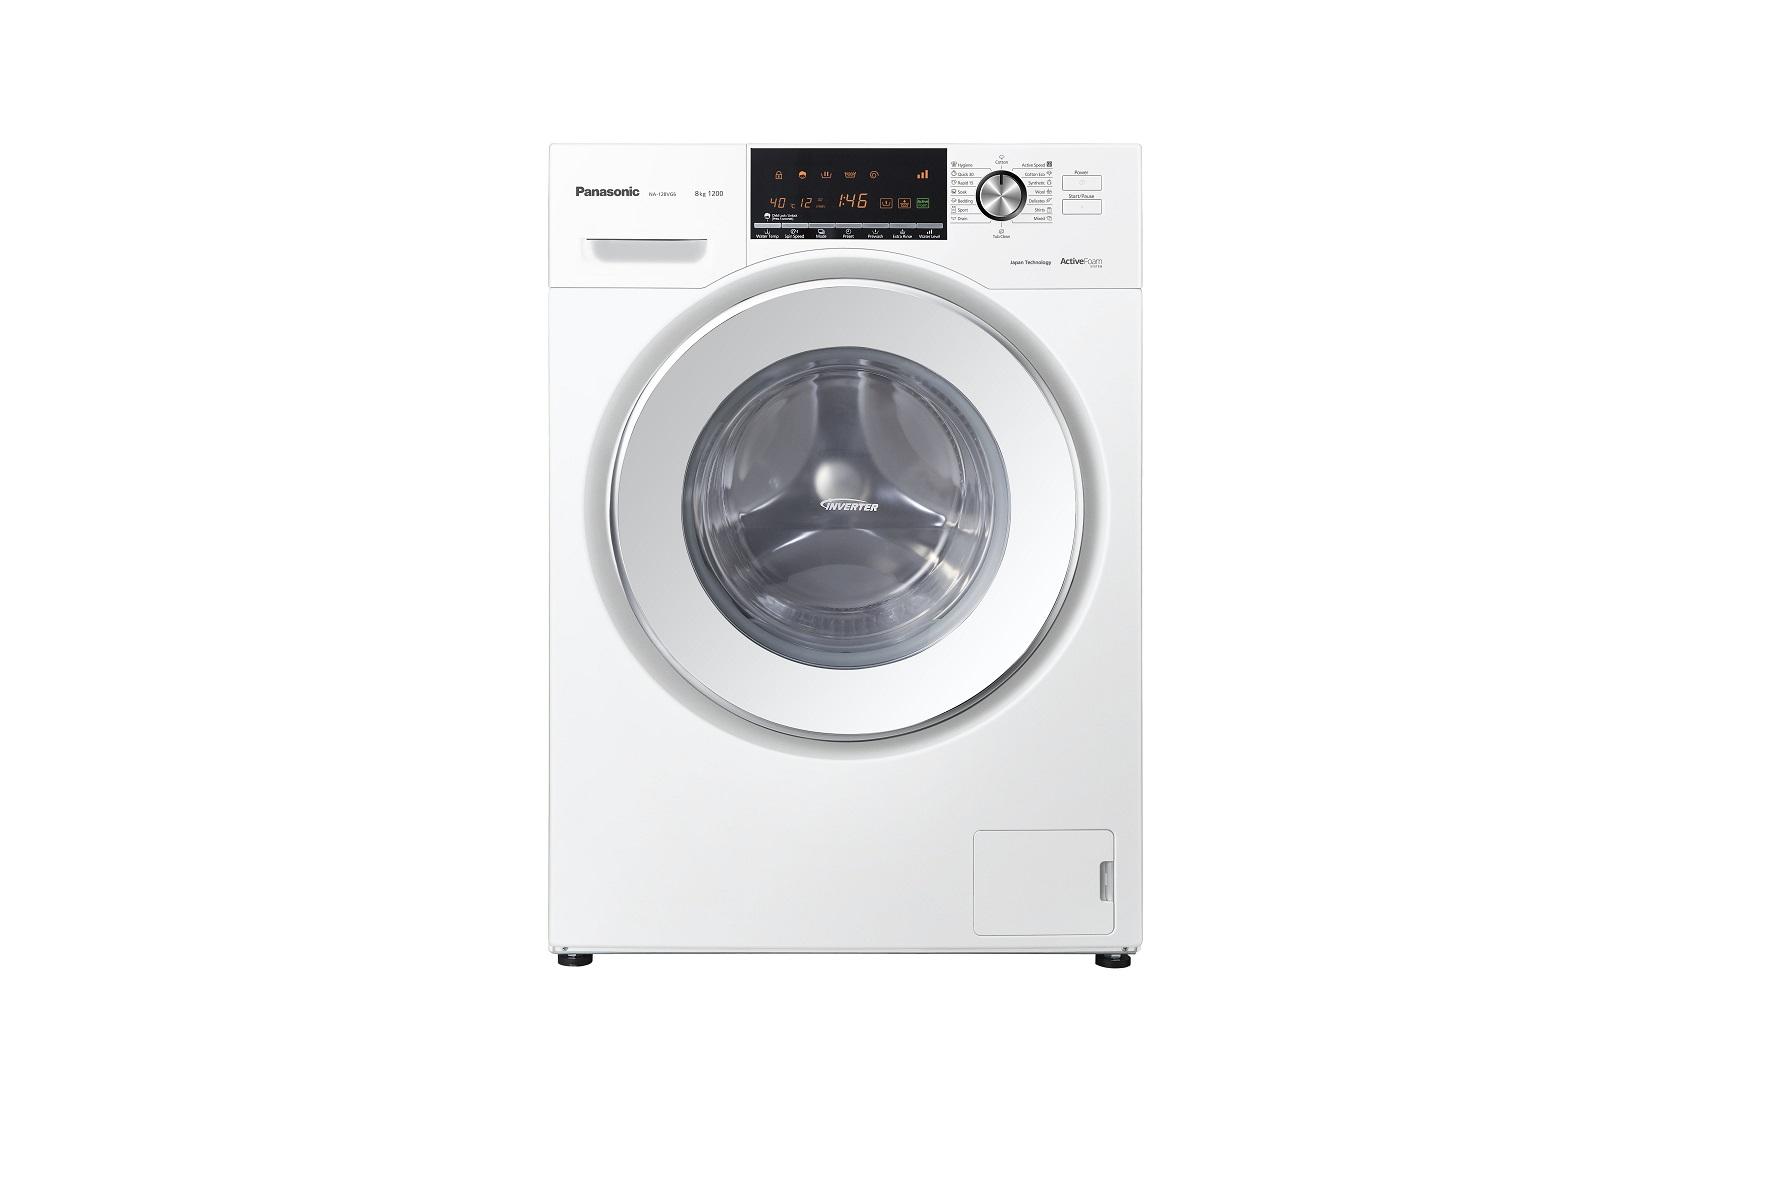 Panasonic Washing Machine with 'Hygiene' Program